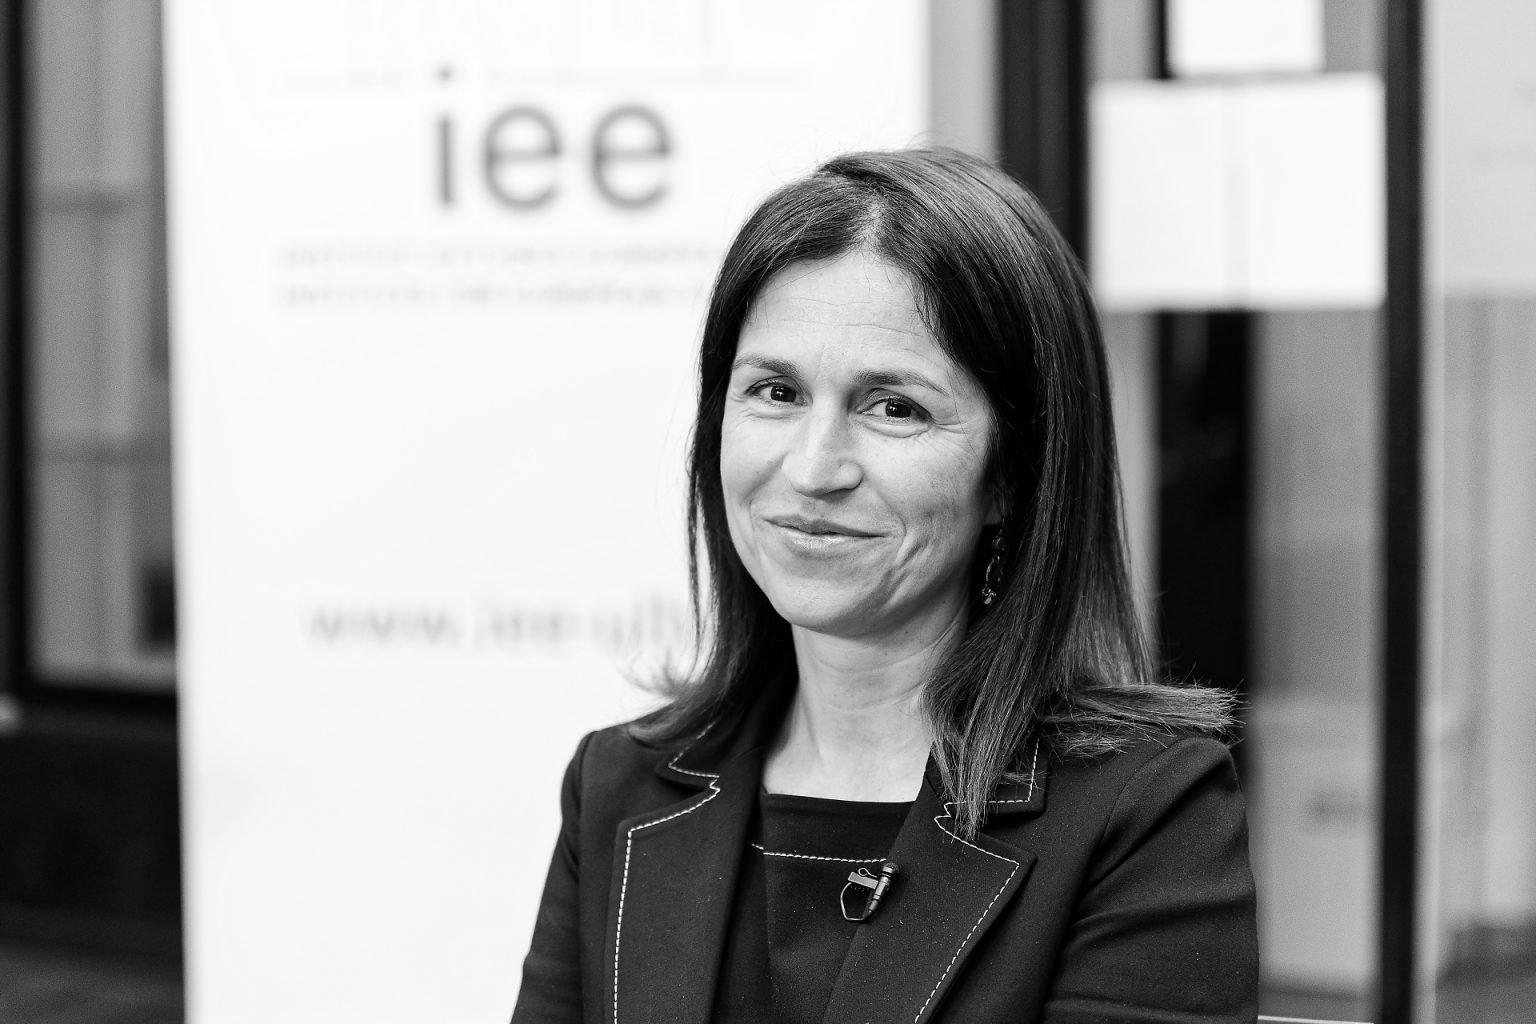 Portrait d'Anne Weyembergh, IEE, Ce(ux) qui m'entoure(nt), Aurore Delsoir photographie